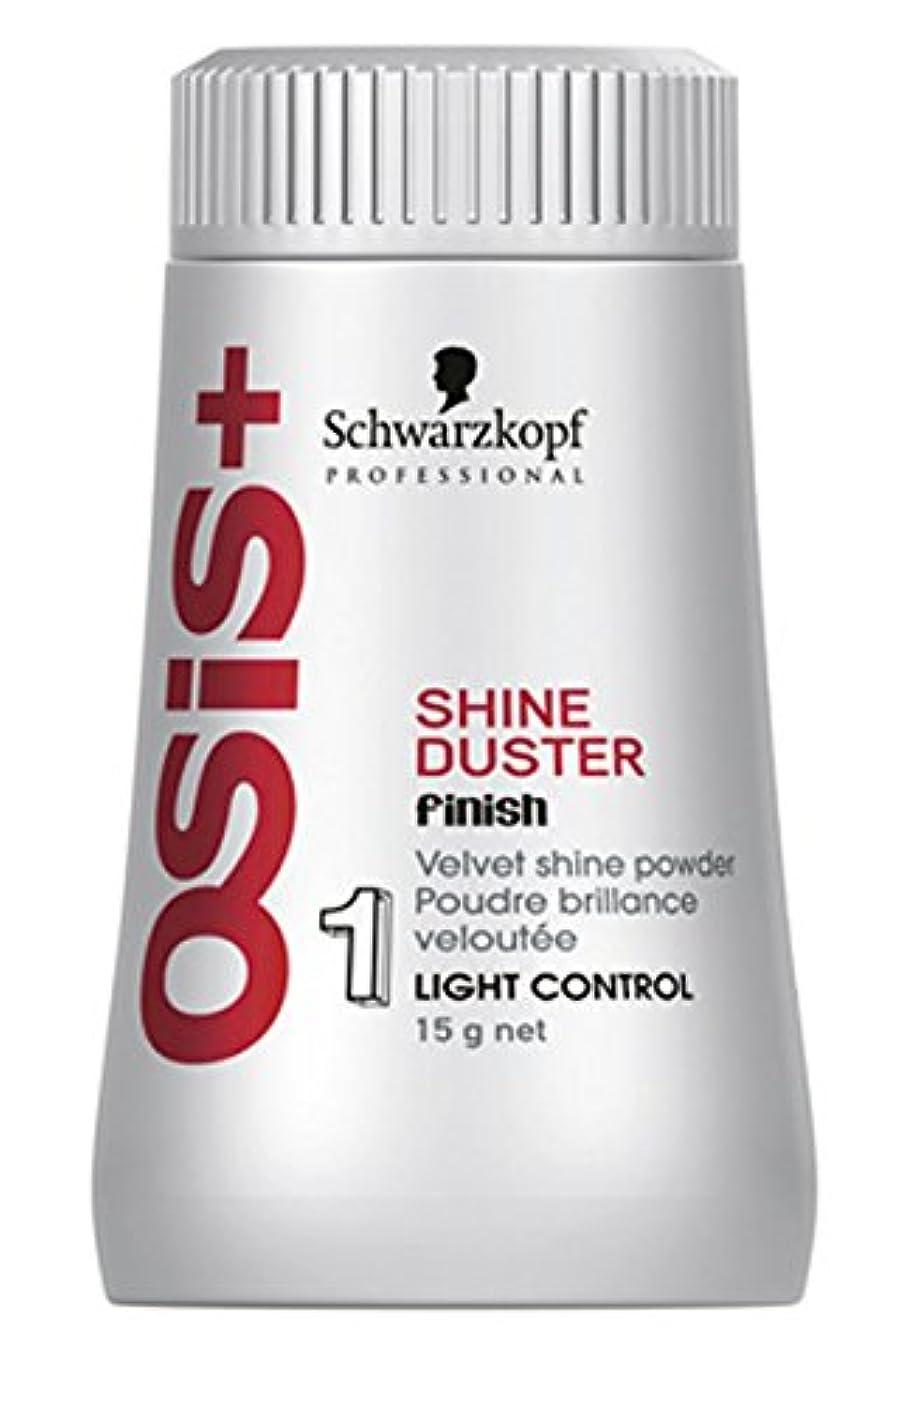 反対に安定お祝いSchwarzkopf OSISダスター終了ベルベットシャインパウダーシャイン(。) 0.52オンス